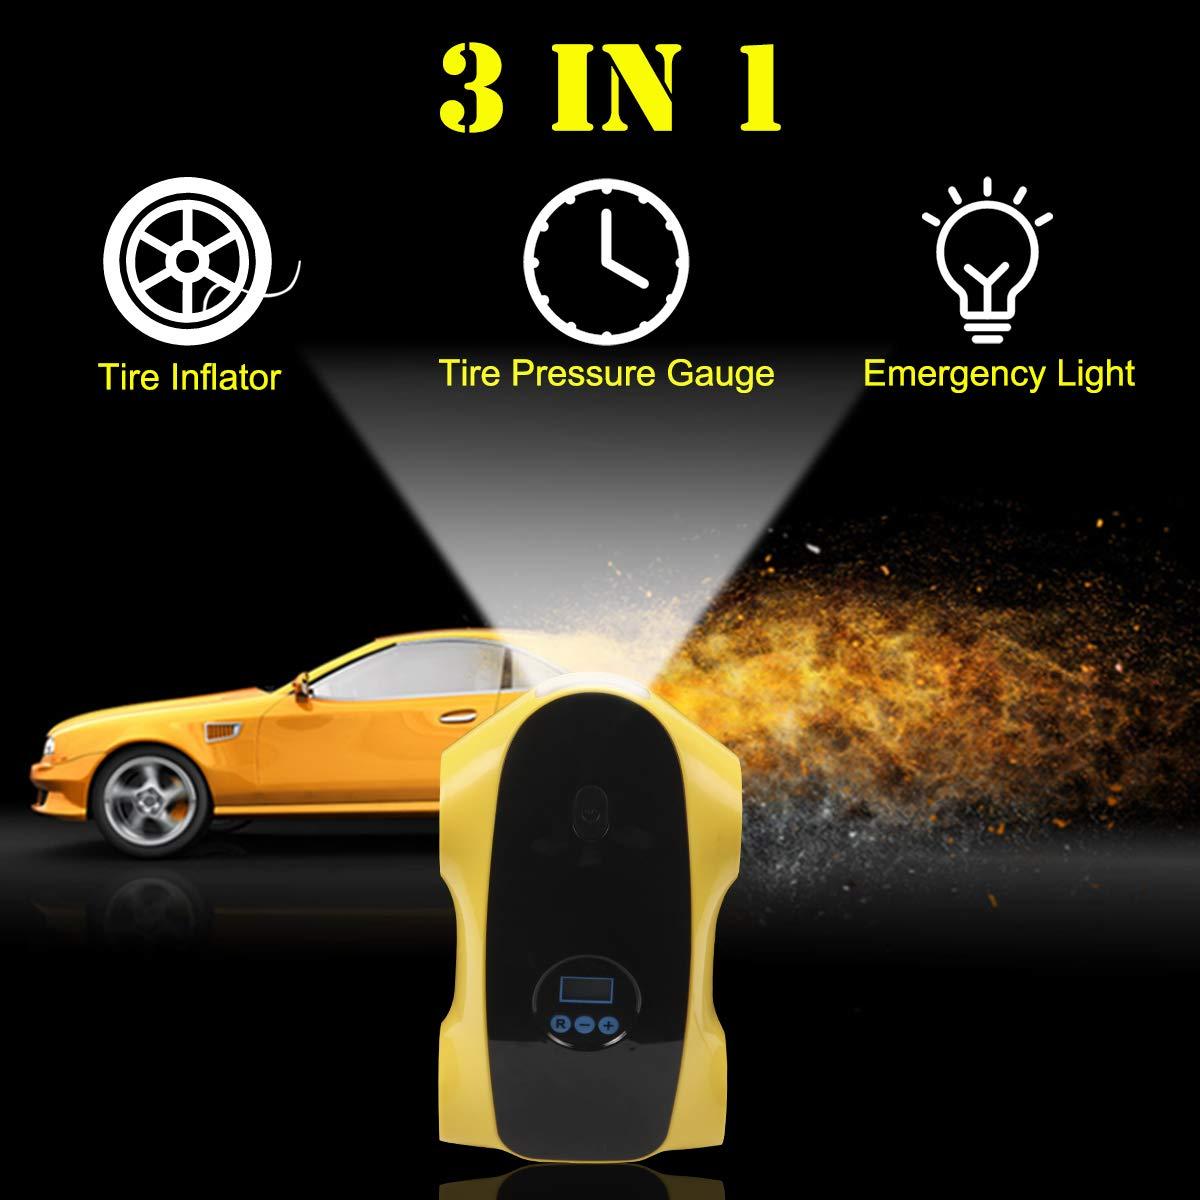 Rot AziPro Auto Kompressor Tragbarer Luftpumpe Digital Inflator Elektrischer Reifen Inflator Auto Luftpumpe mit LED-Leuchten f/ür Automobil Fahrr/äder B/älle 12V DC,150 PSI